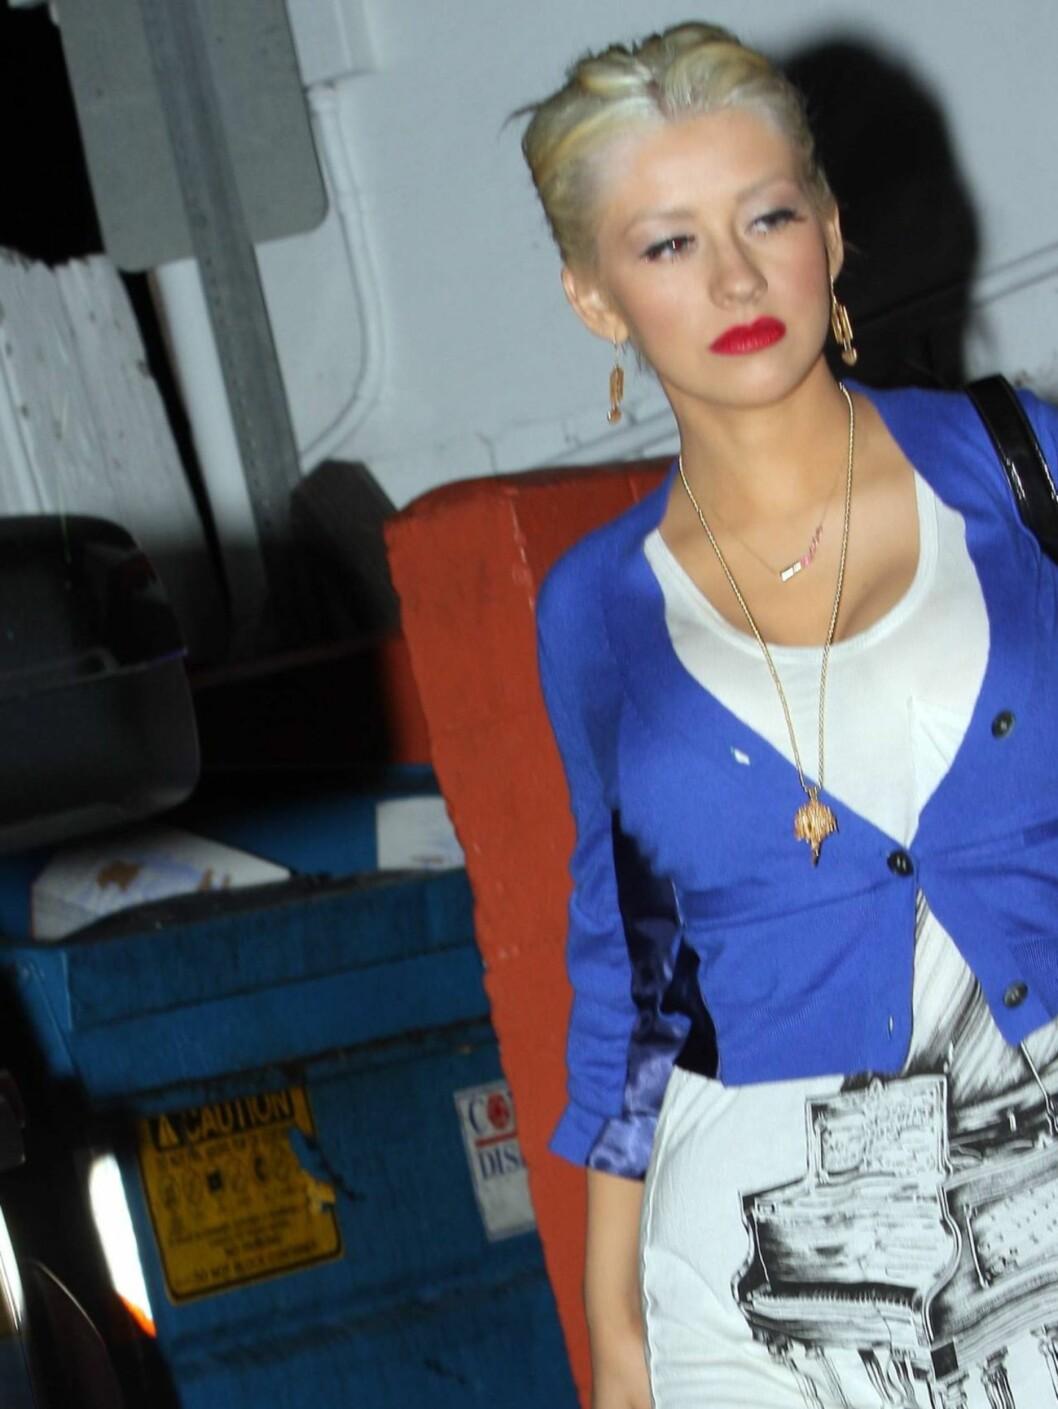 LETTPÅVIRKET? Christina Aguilera skal ha vært synlig beruset da hun kom ut fra en klubb i Hollywood.  Foto: All Over Press